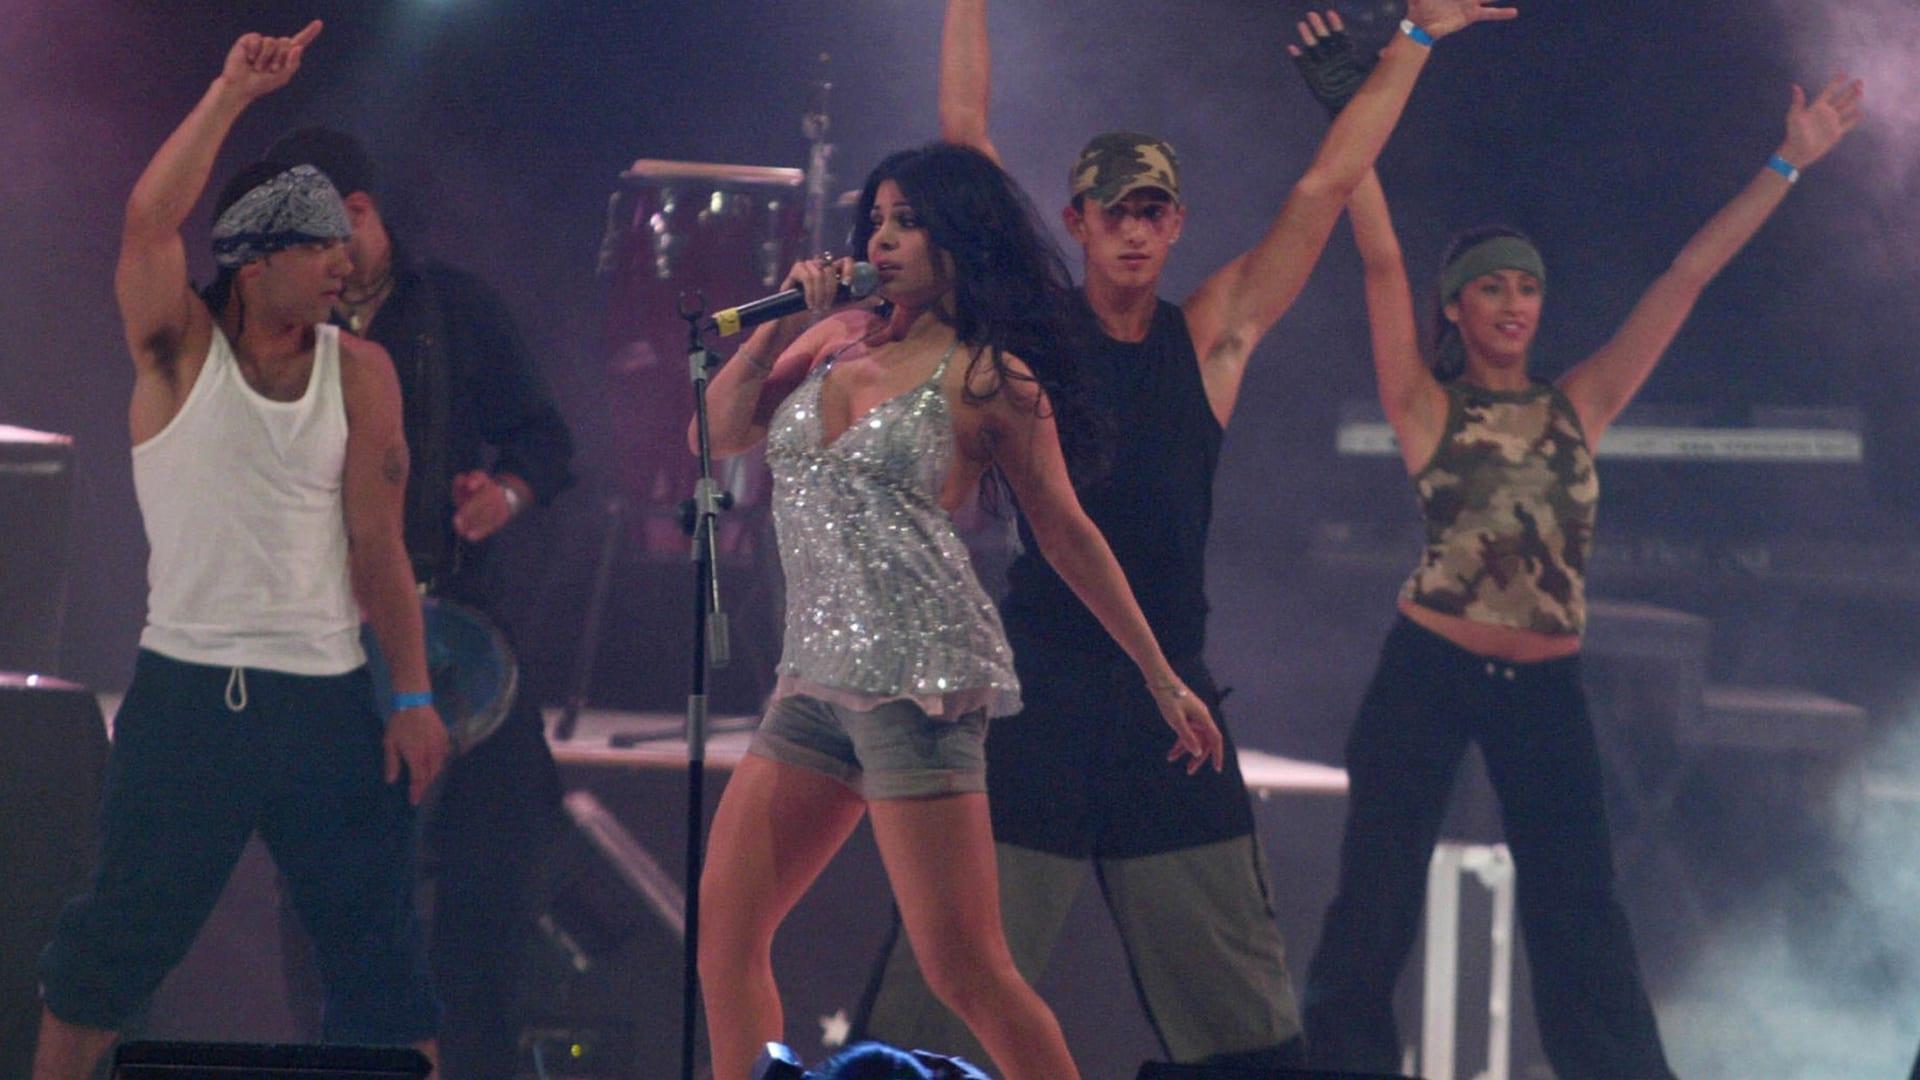 النجمة اللبنانية هيفاء وهبي خلال حفل موسيقي في قاعة بيل بوسط بيروت في يونيو 2006